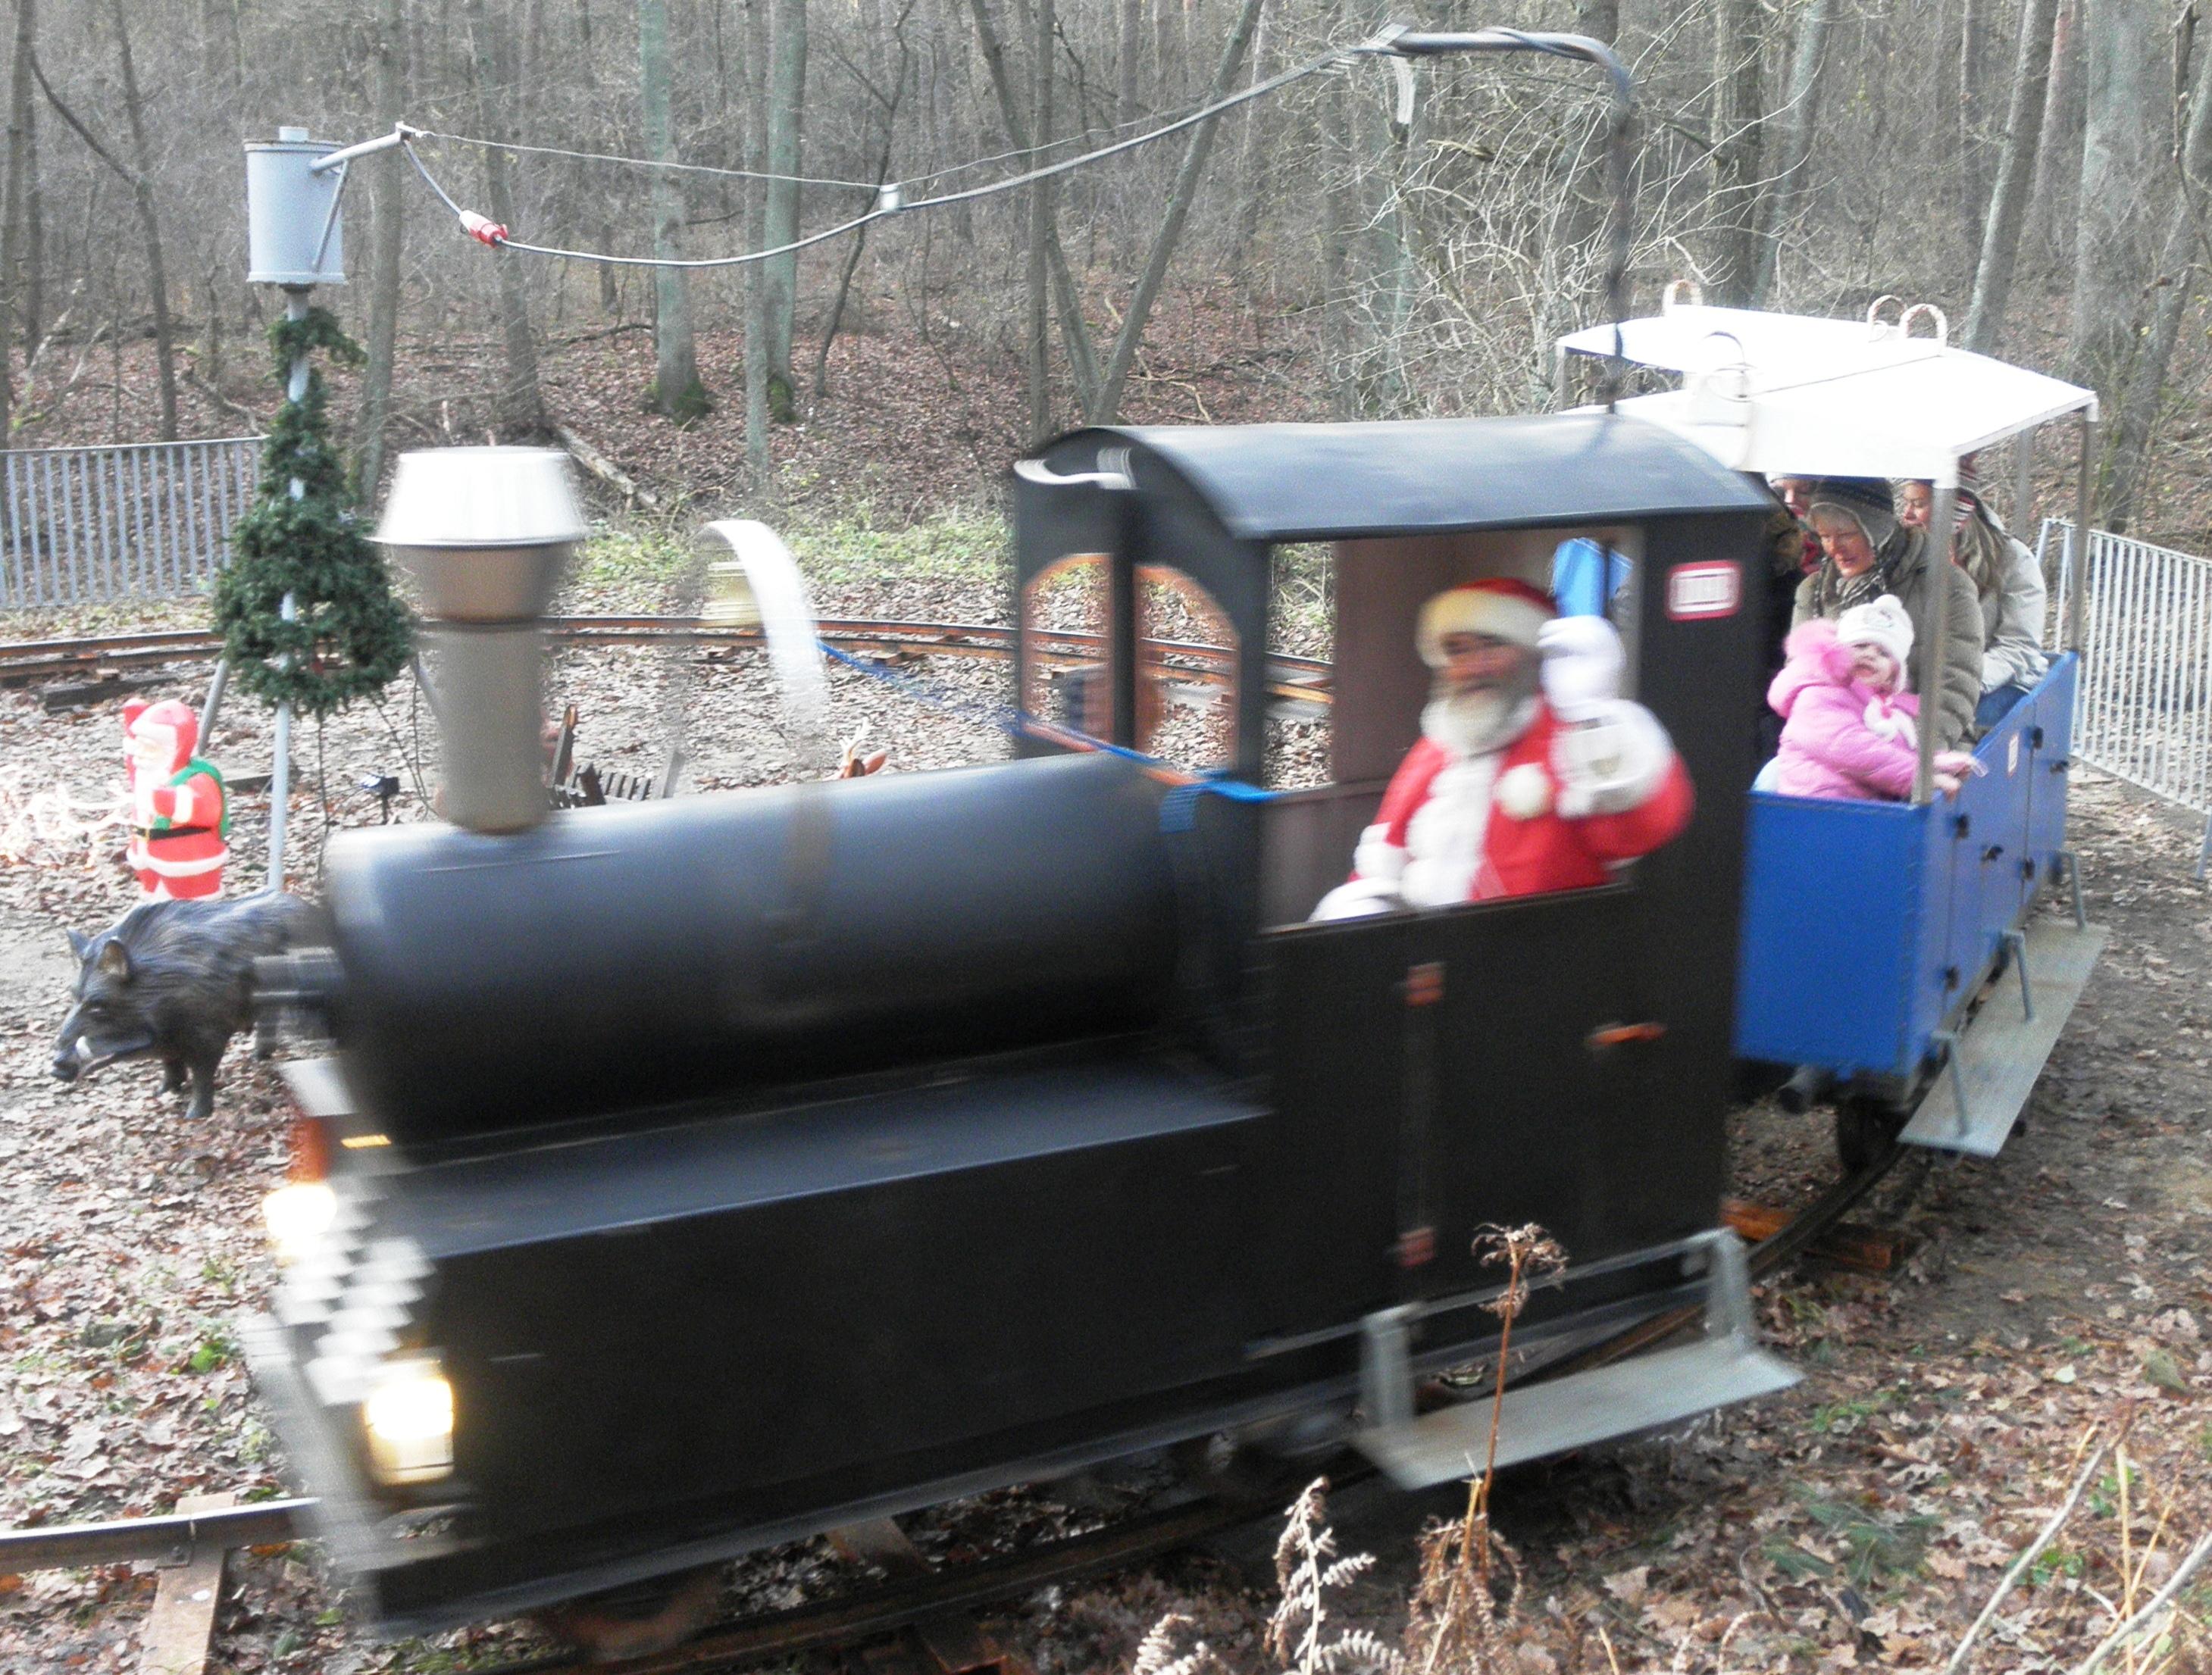 Eisenbahn Weihnachtsdeko.Möllensdorfer Wald Weihnachtsmarkt